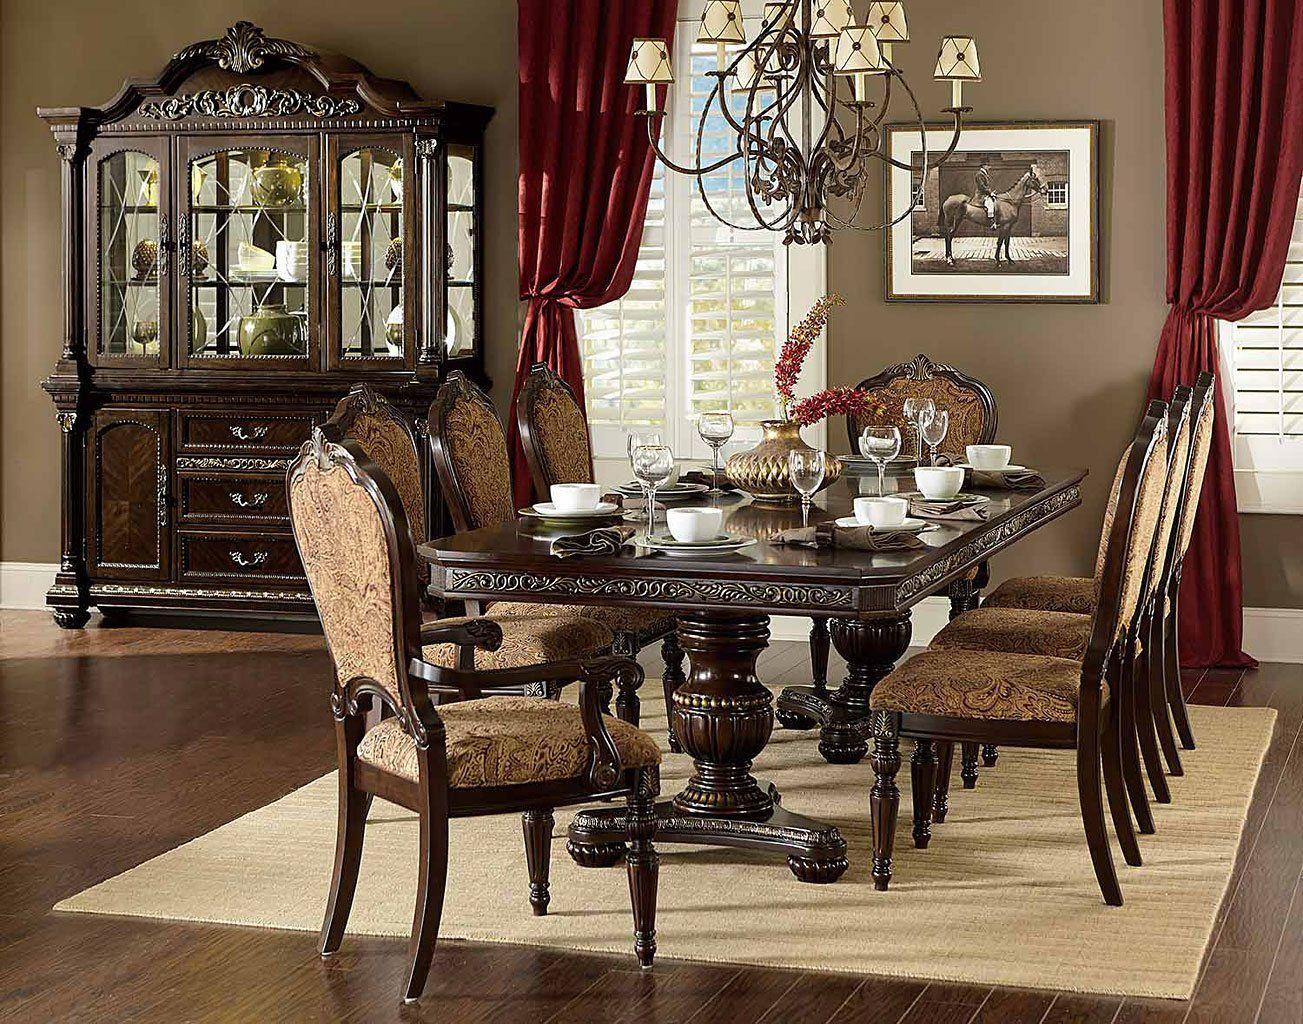 Russian Hill Dining Room Set | Formal dining room sets ...